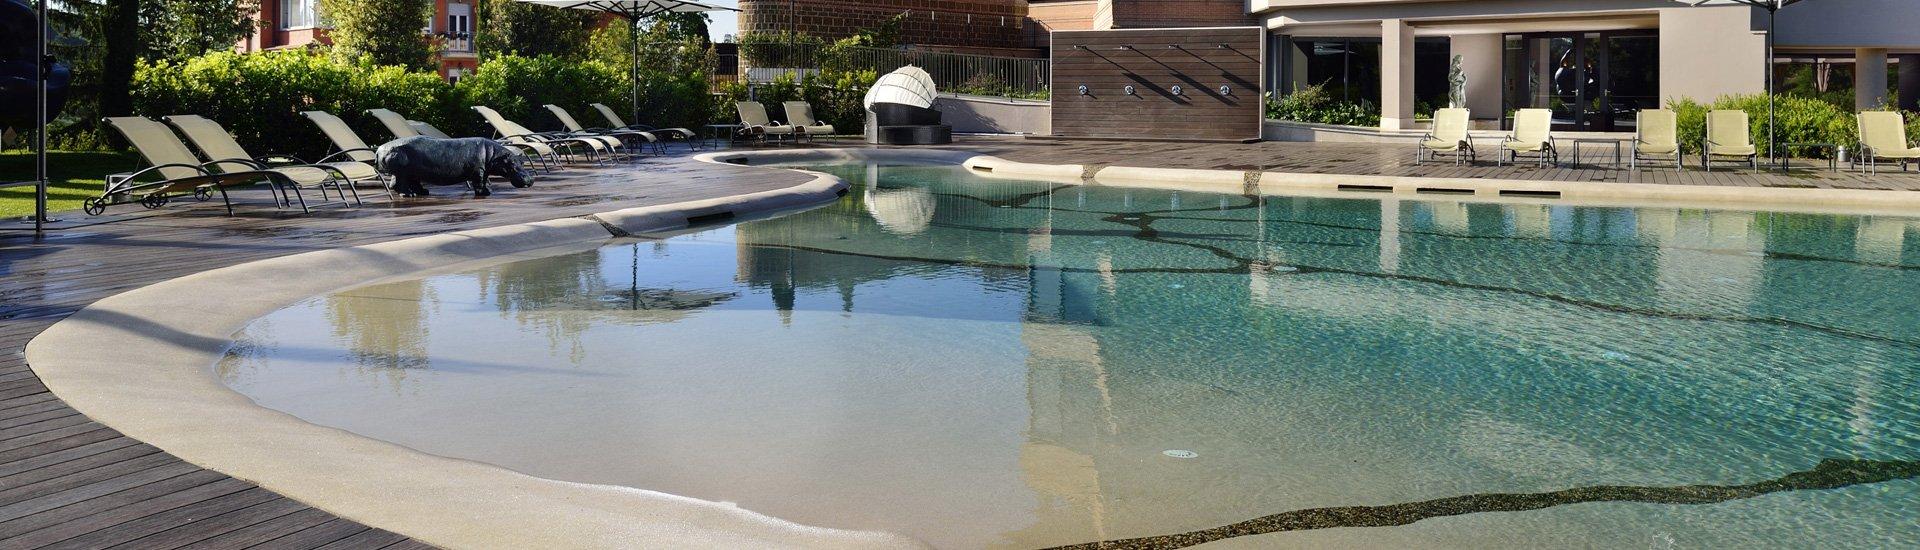 piscina naturale per hotel